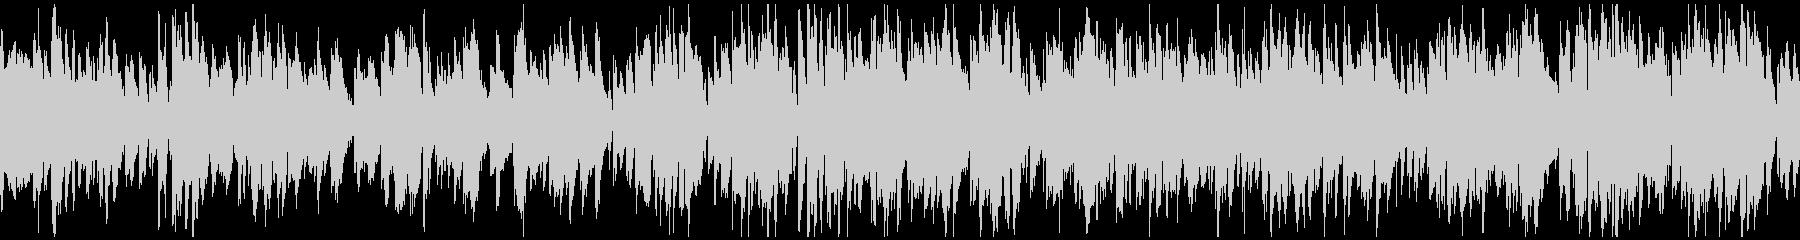 明るい軽快なテンポ感のジャズ ※ループ版の未再生の波形